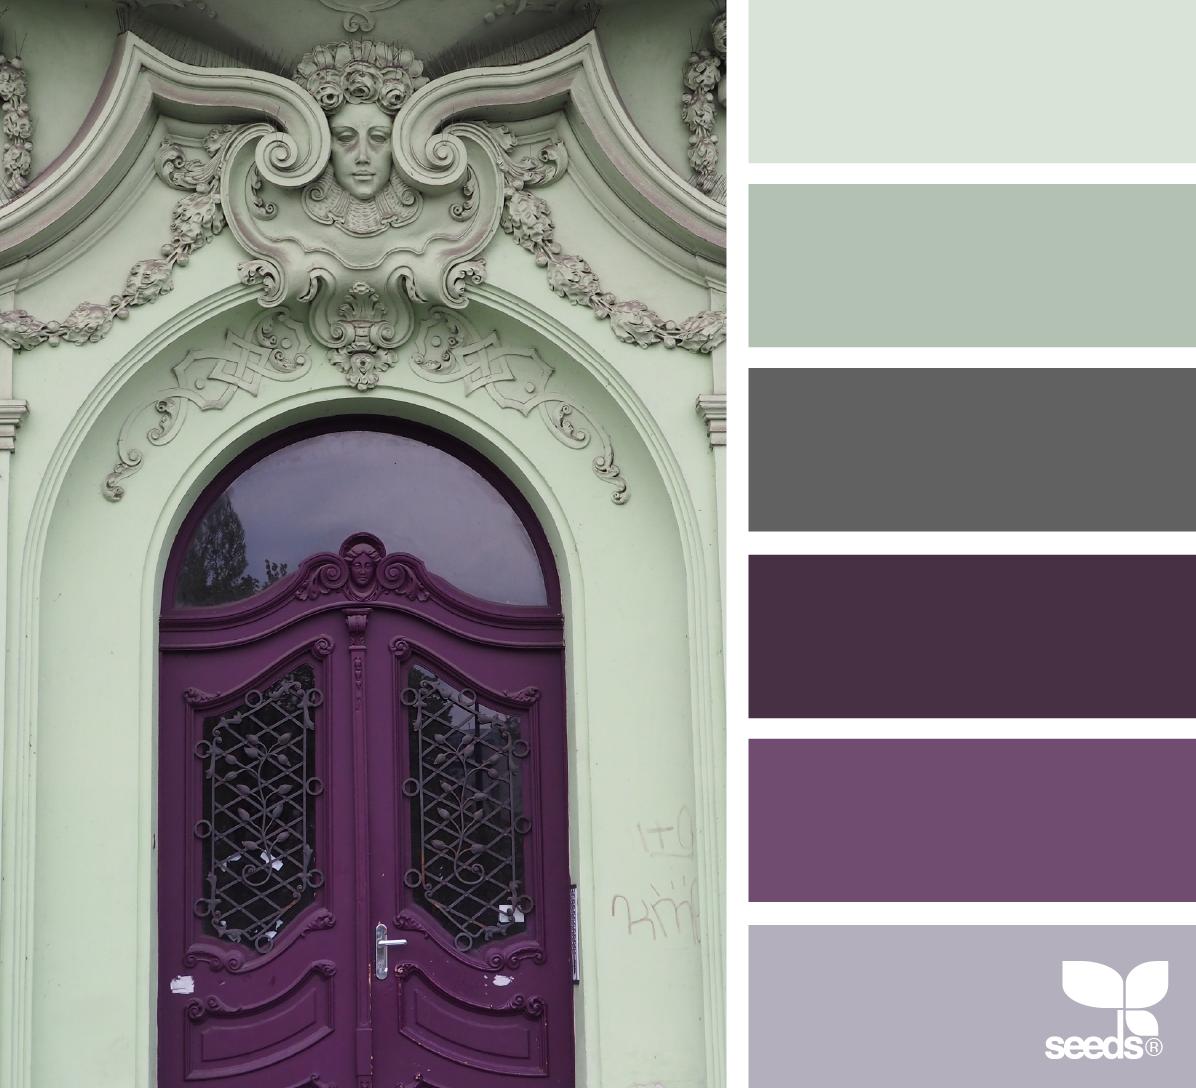 Paint Color Combinations: Paint Colors & Palettes